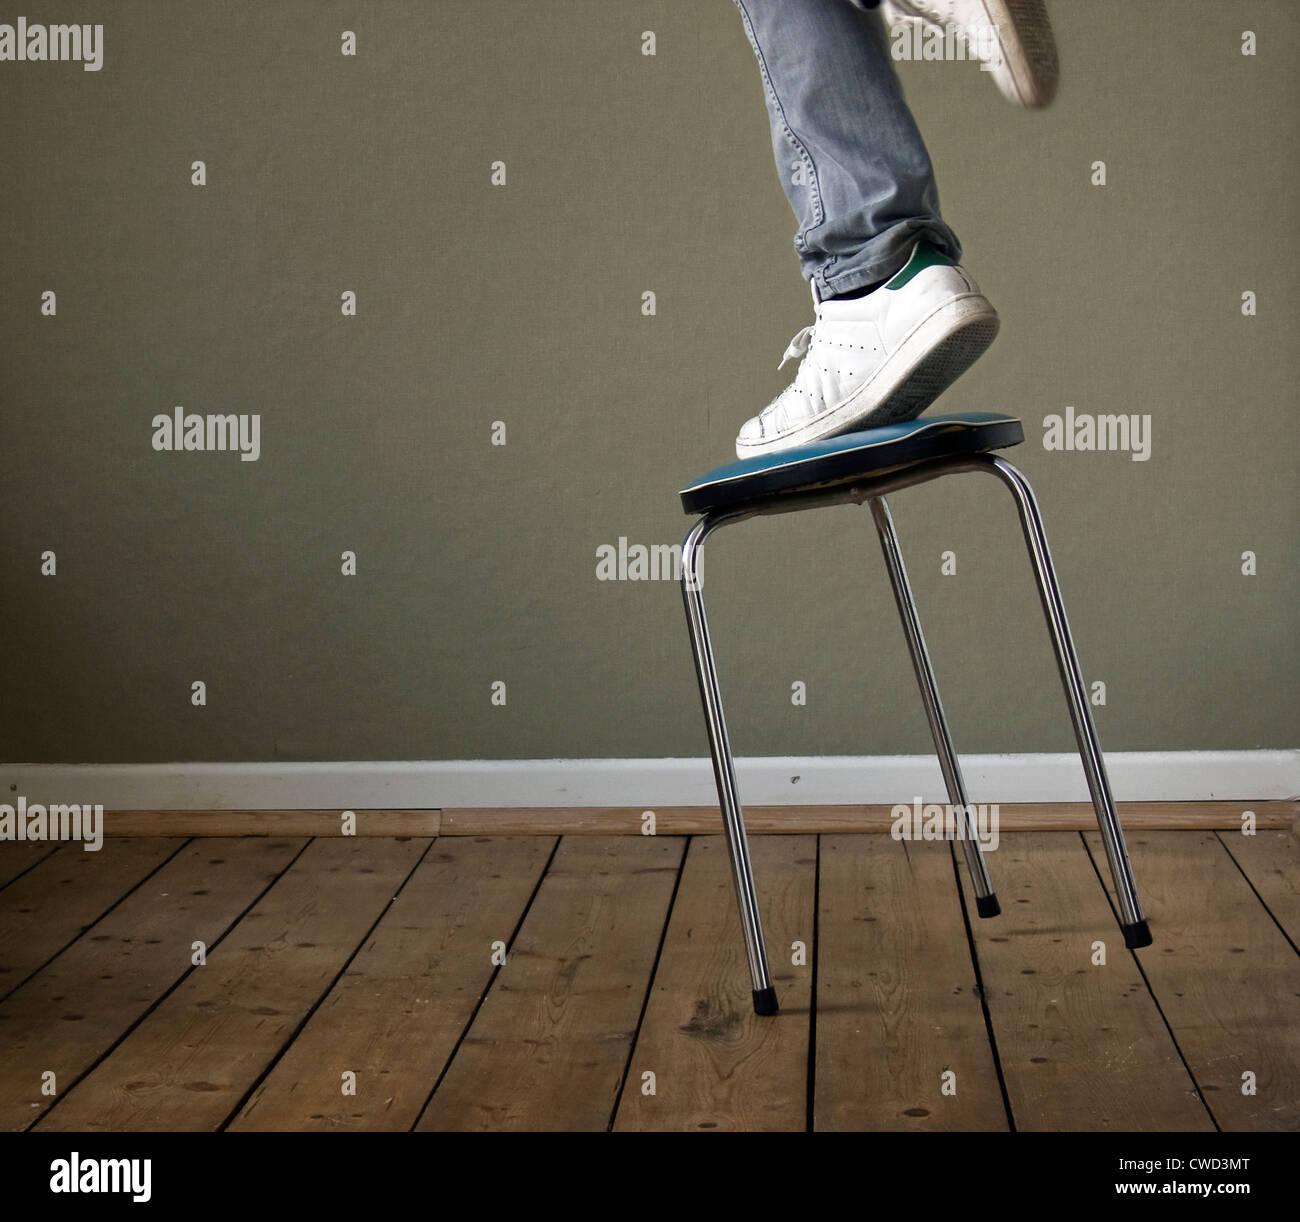 La vie domestique,équilibre,accident,automne Photo Stock